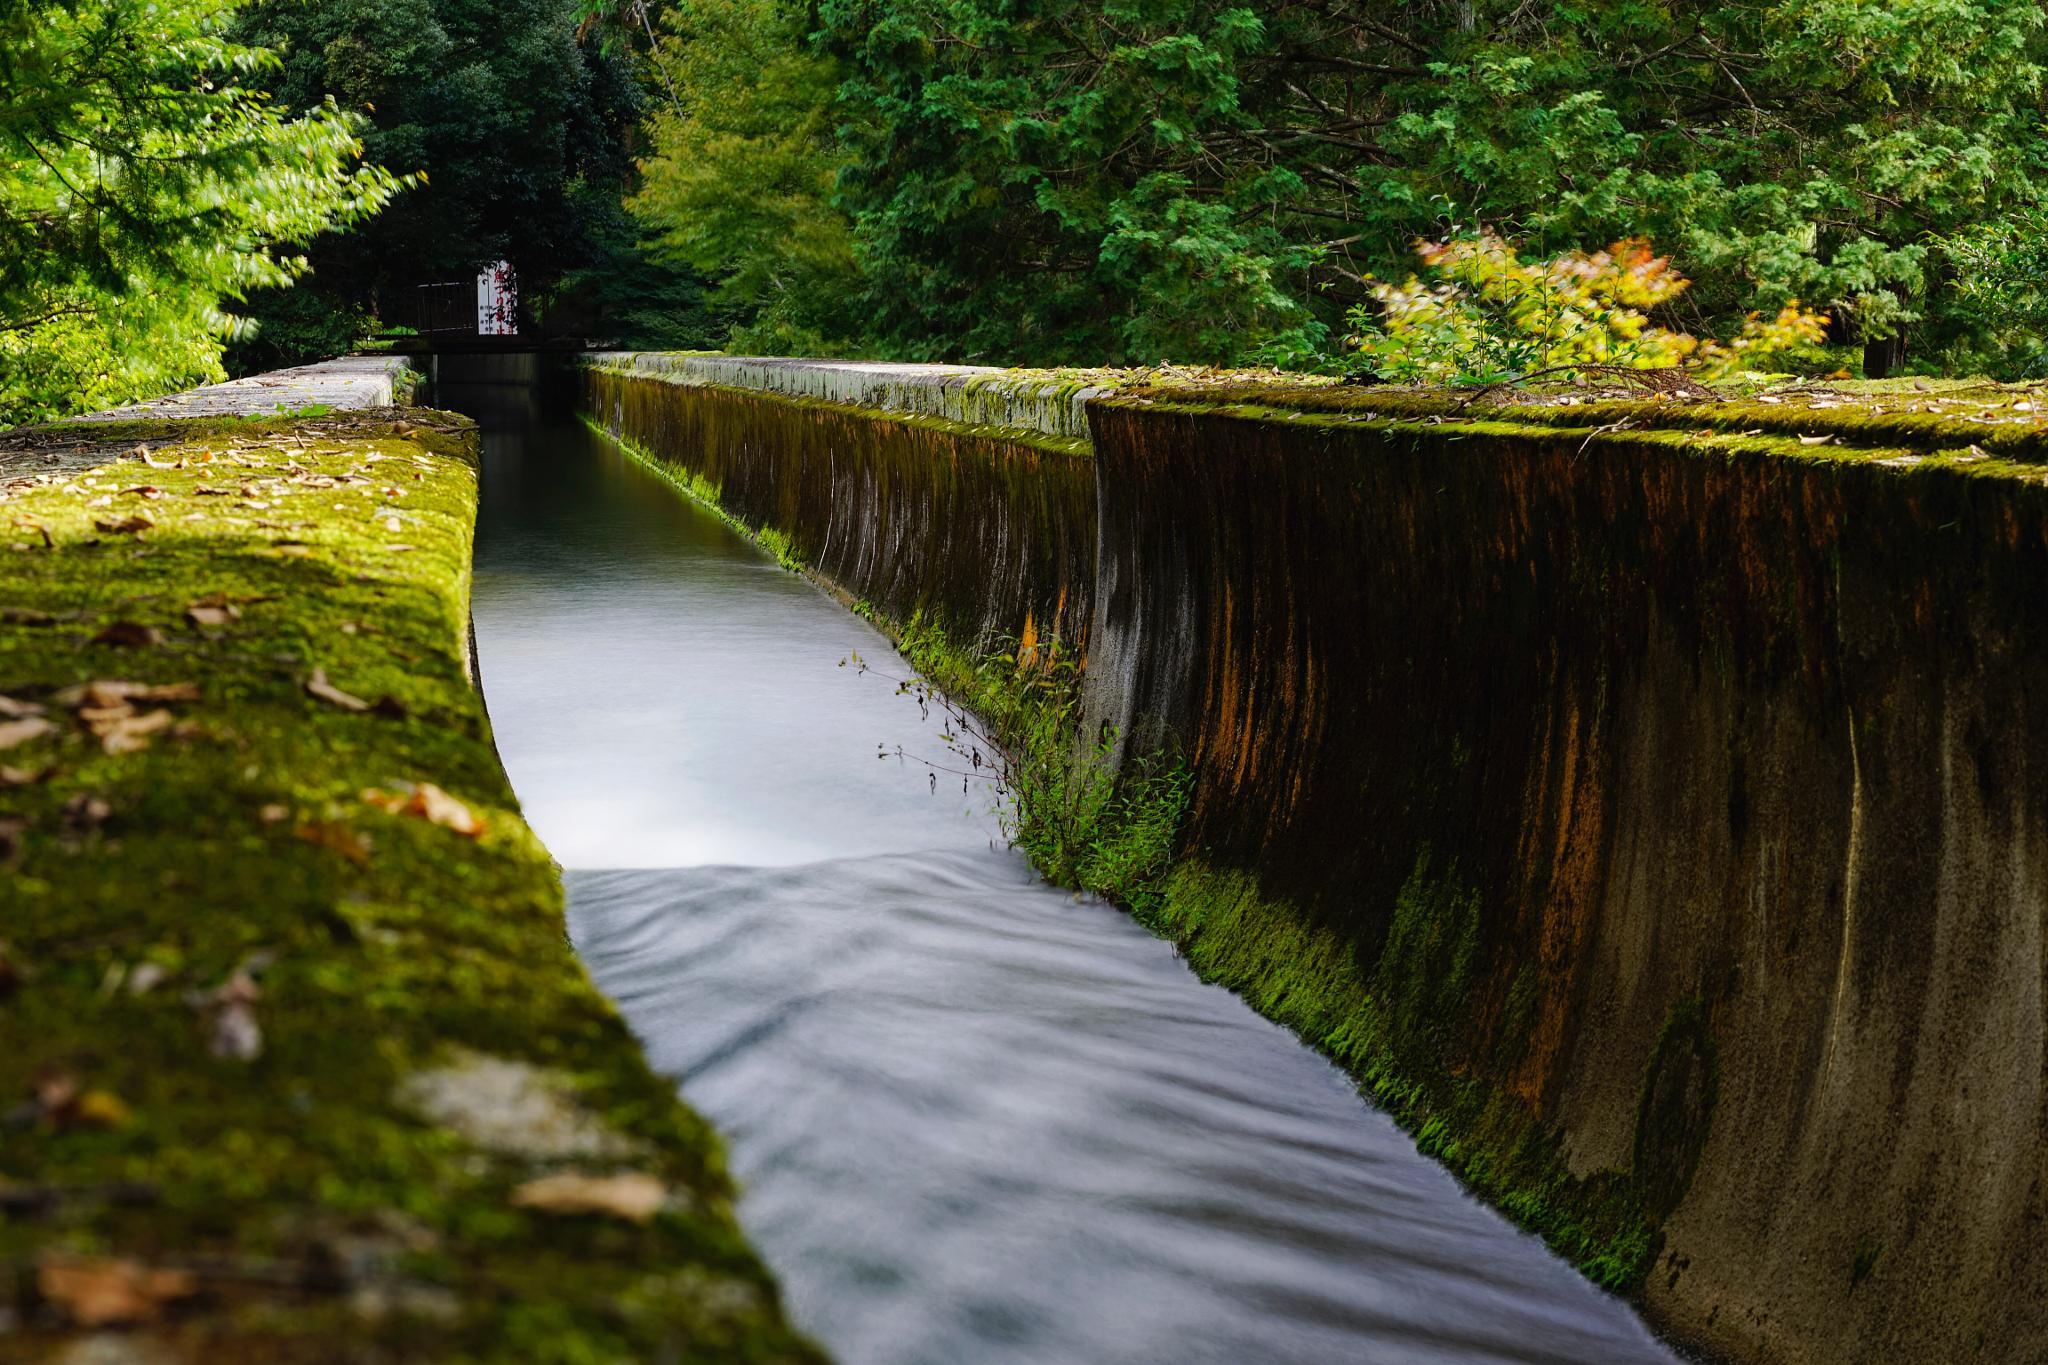 Suirokaku aqueduct inside the Nanzenji temple. by torsomania